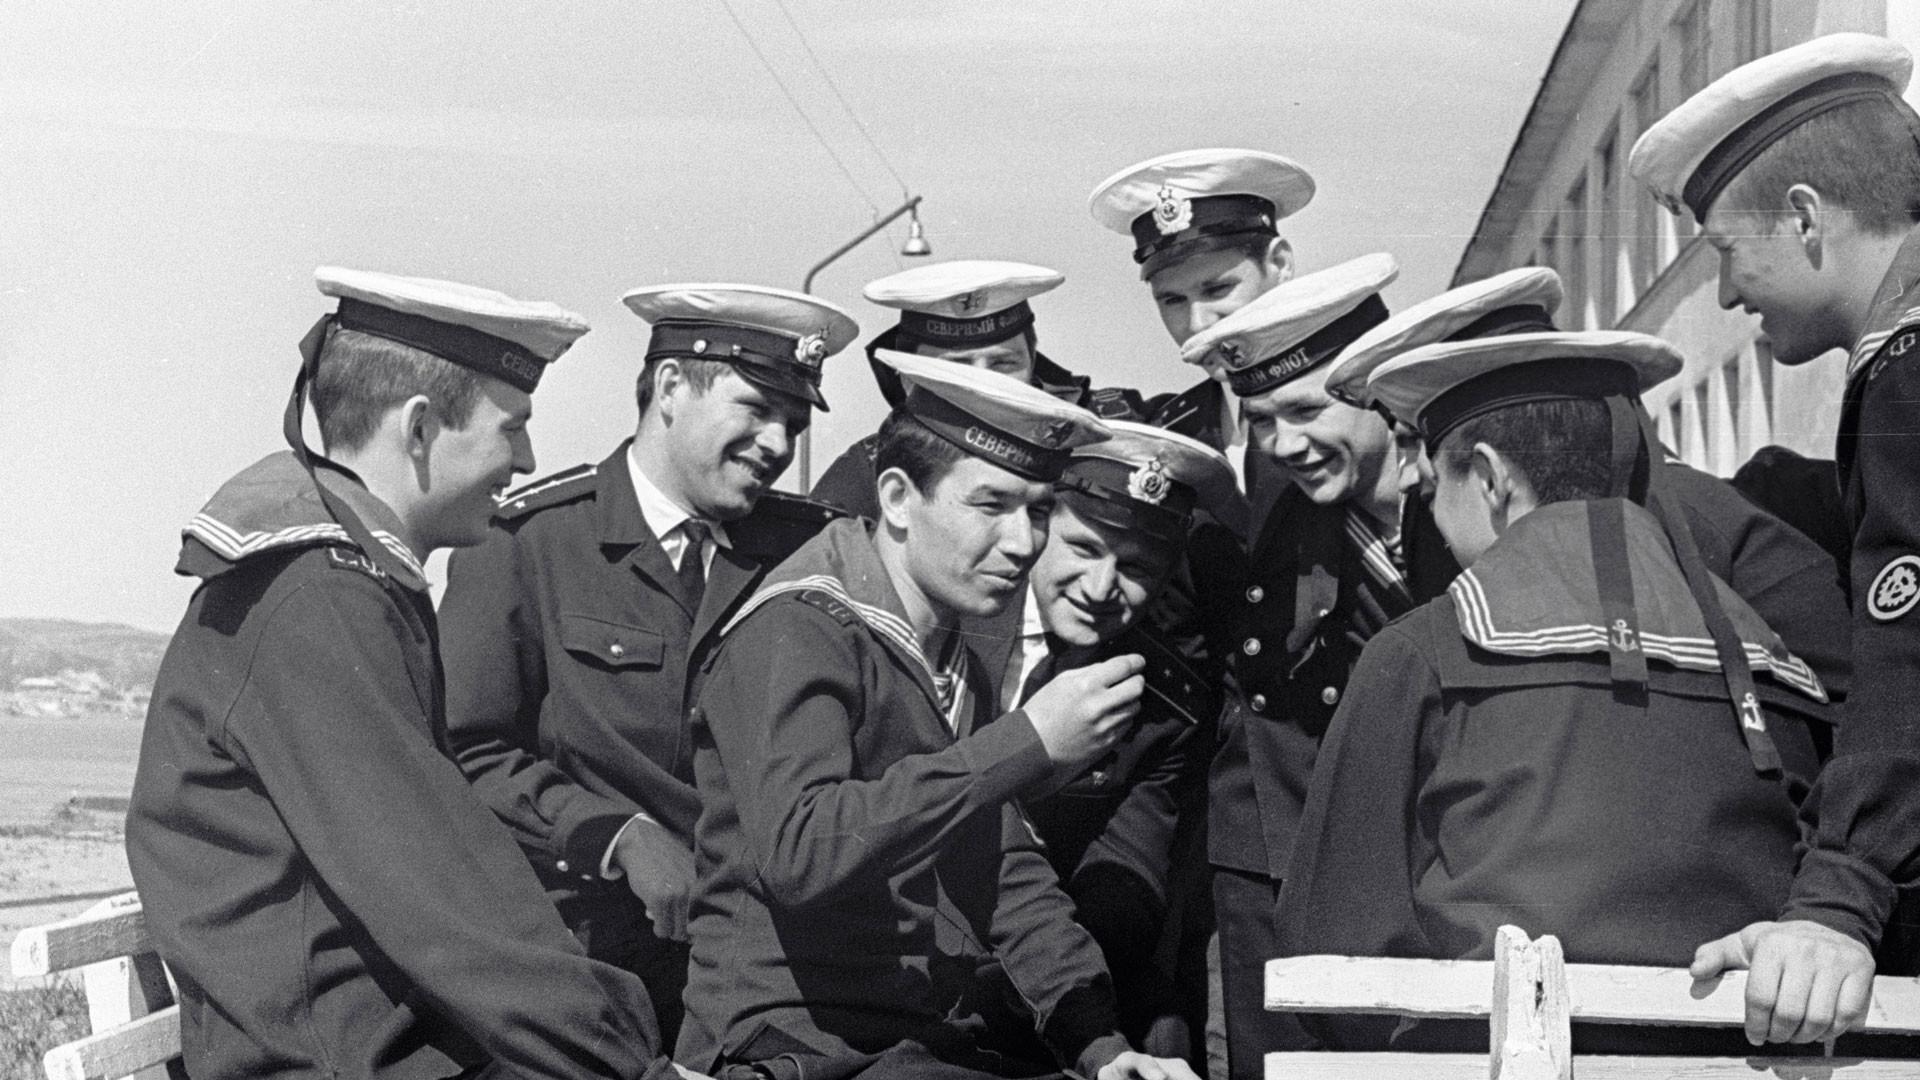 """Моряки атомной подводной лодки """"50 лет СССР"""" сидят на скамейках около казармы. Фото: © РИА Новости"""